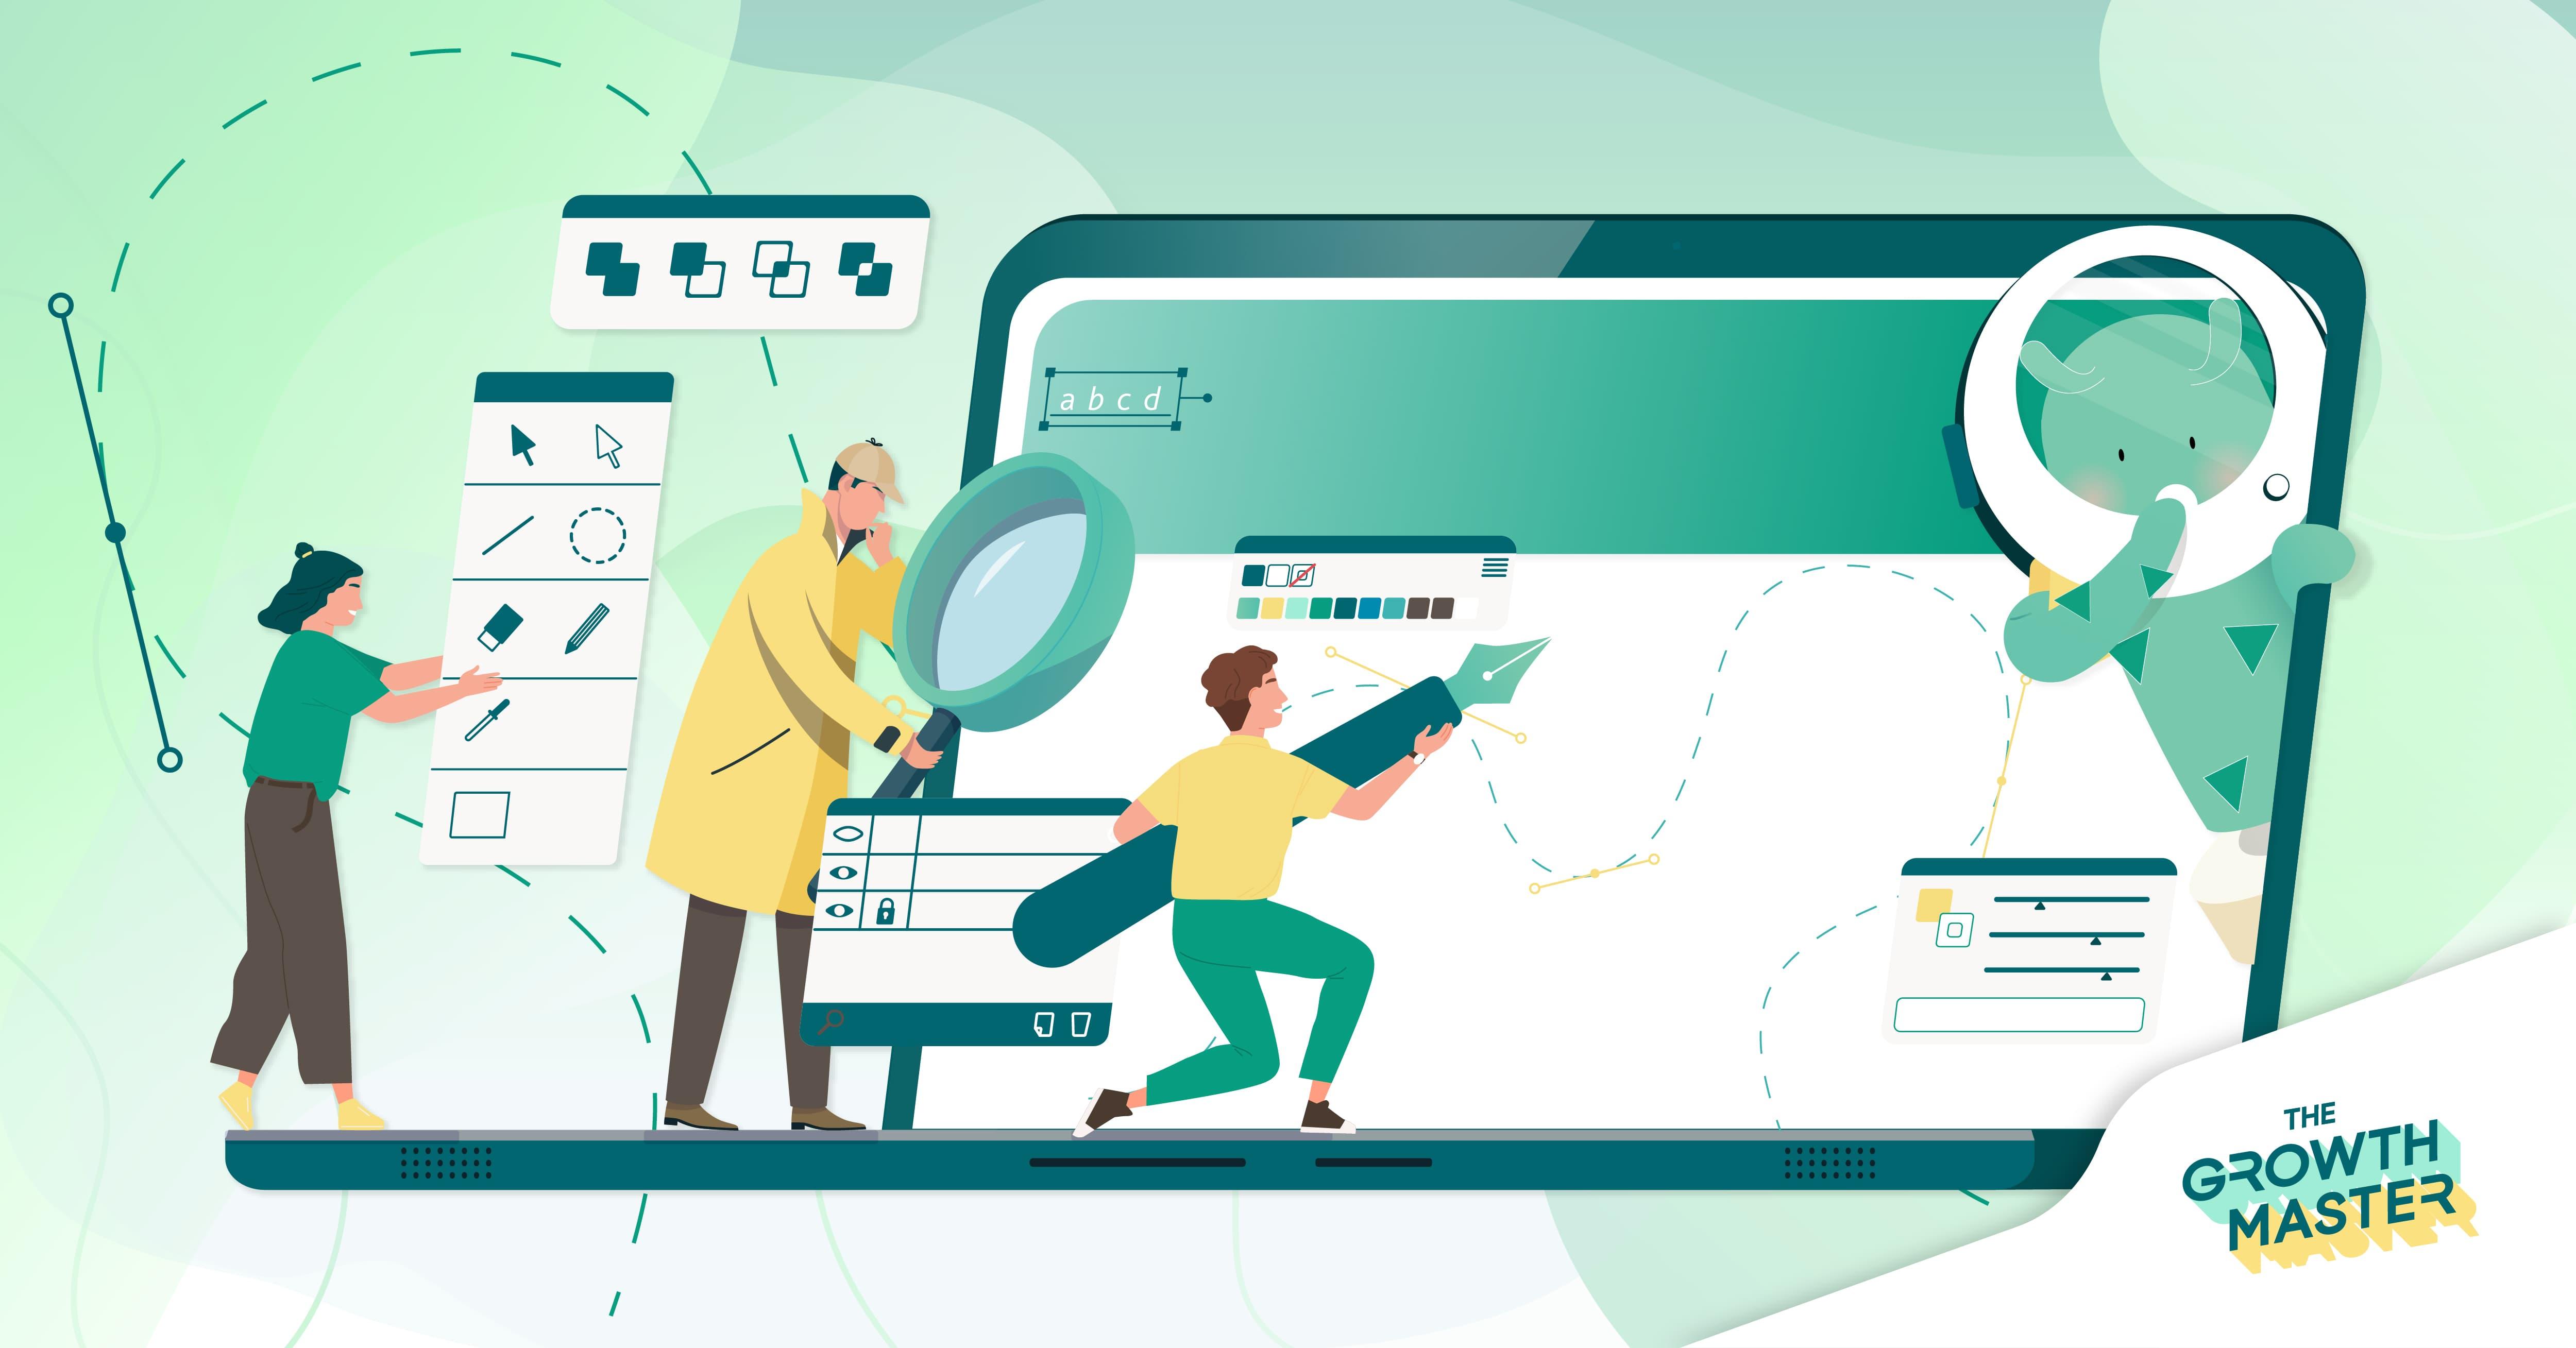 ออกแบบ Banner สำหรับ Display Ads ในเว็บไซต์อย่างไร ให้ธุรกิจได้ Conversion เพิ่มขึ้น (พร้อมตัวอย่าง)